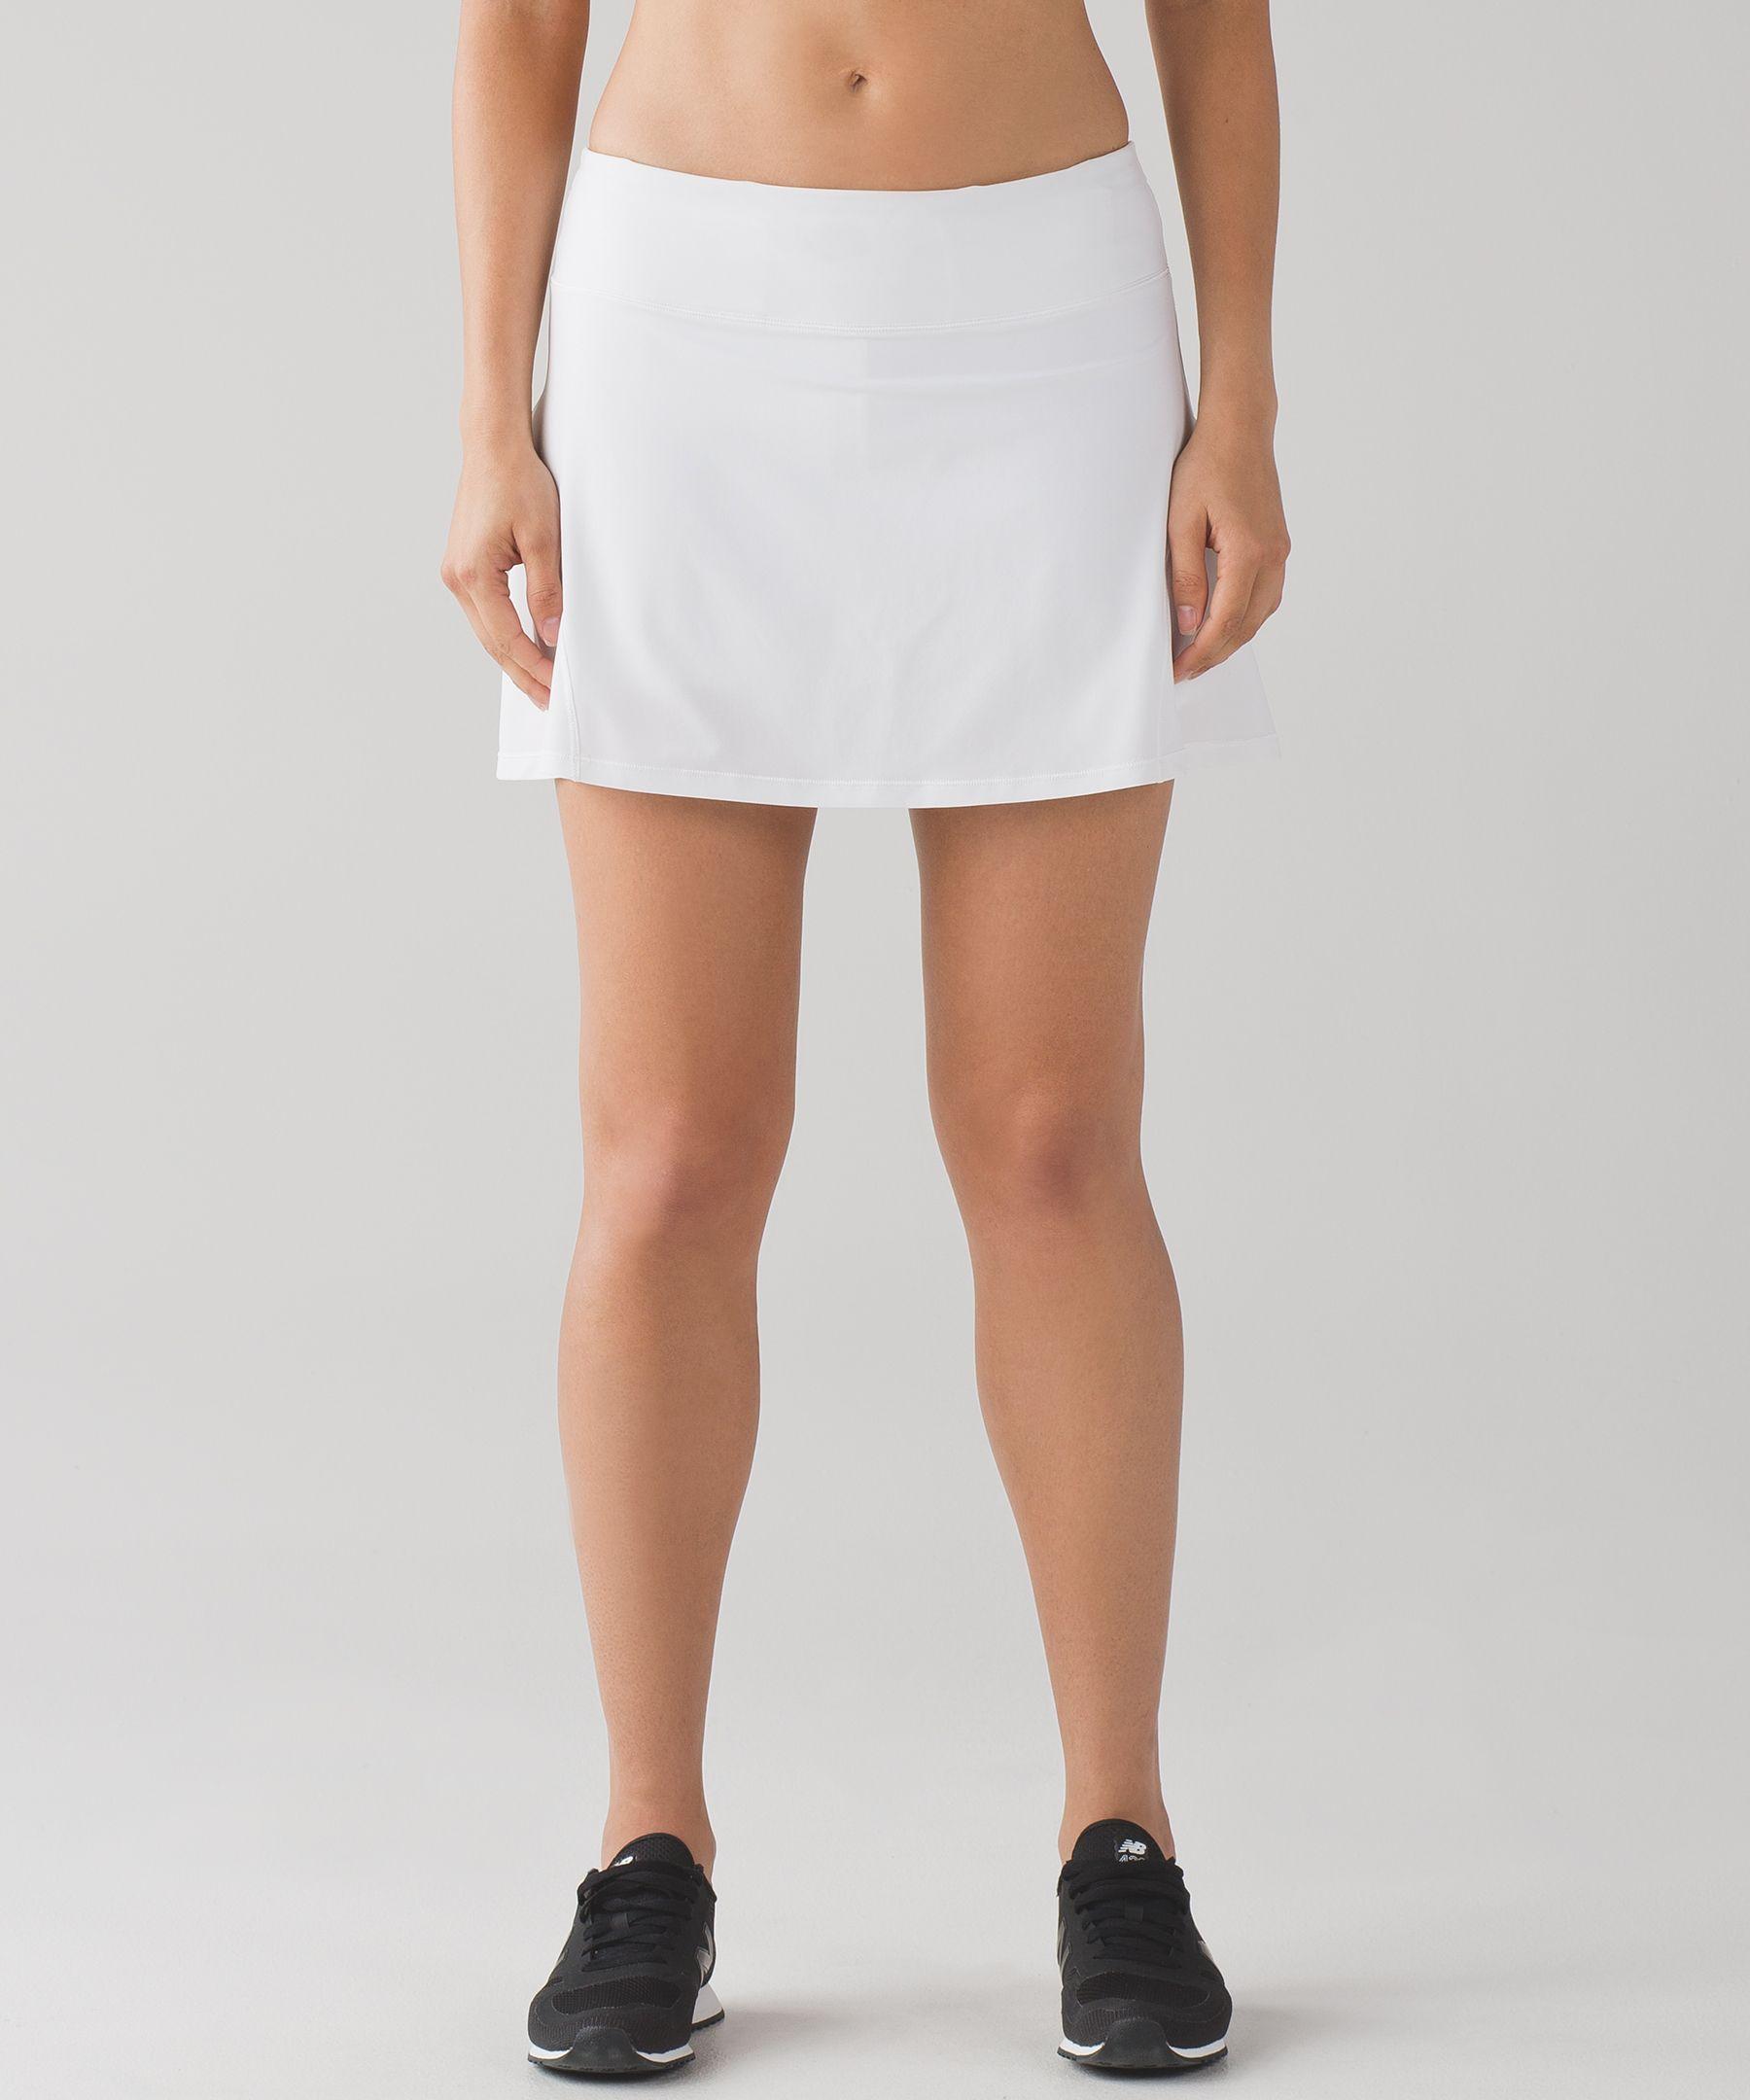 Circuit Breaker Skirt (Tall) *15